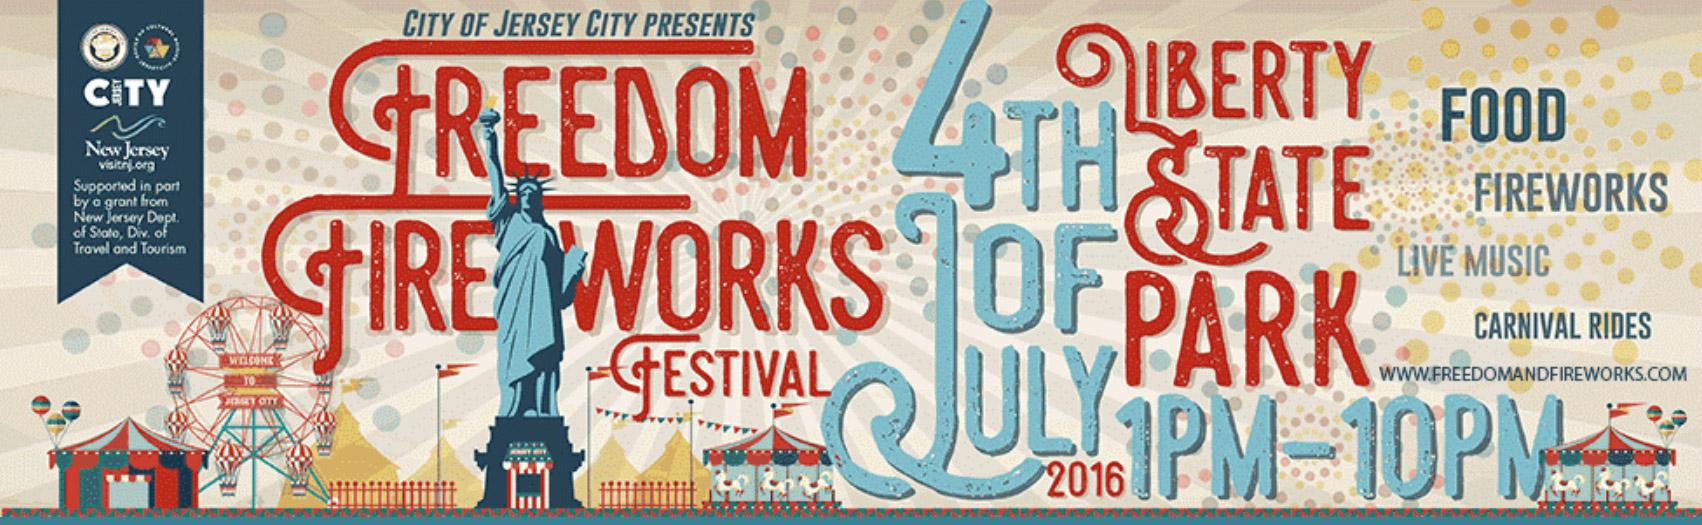 FreedomandFireworks2016_SFW